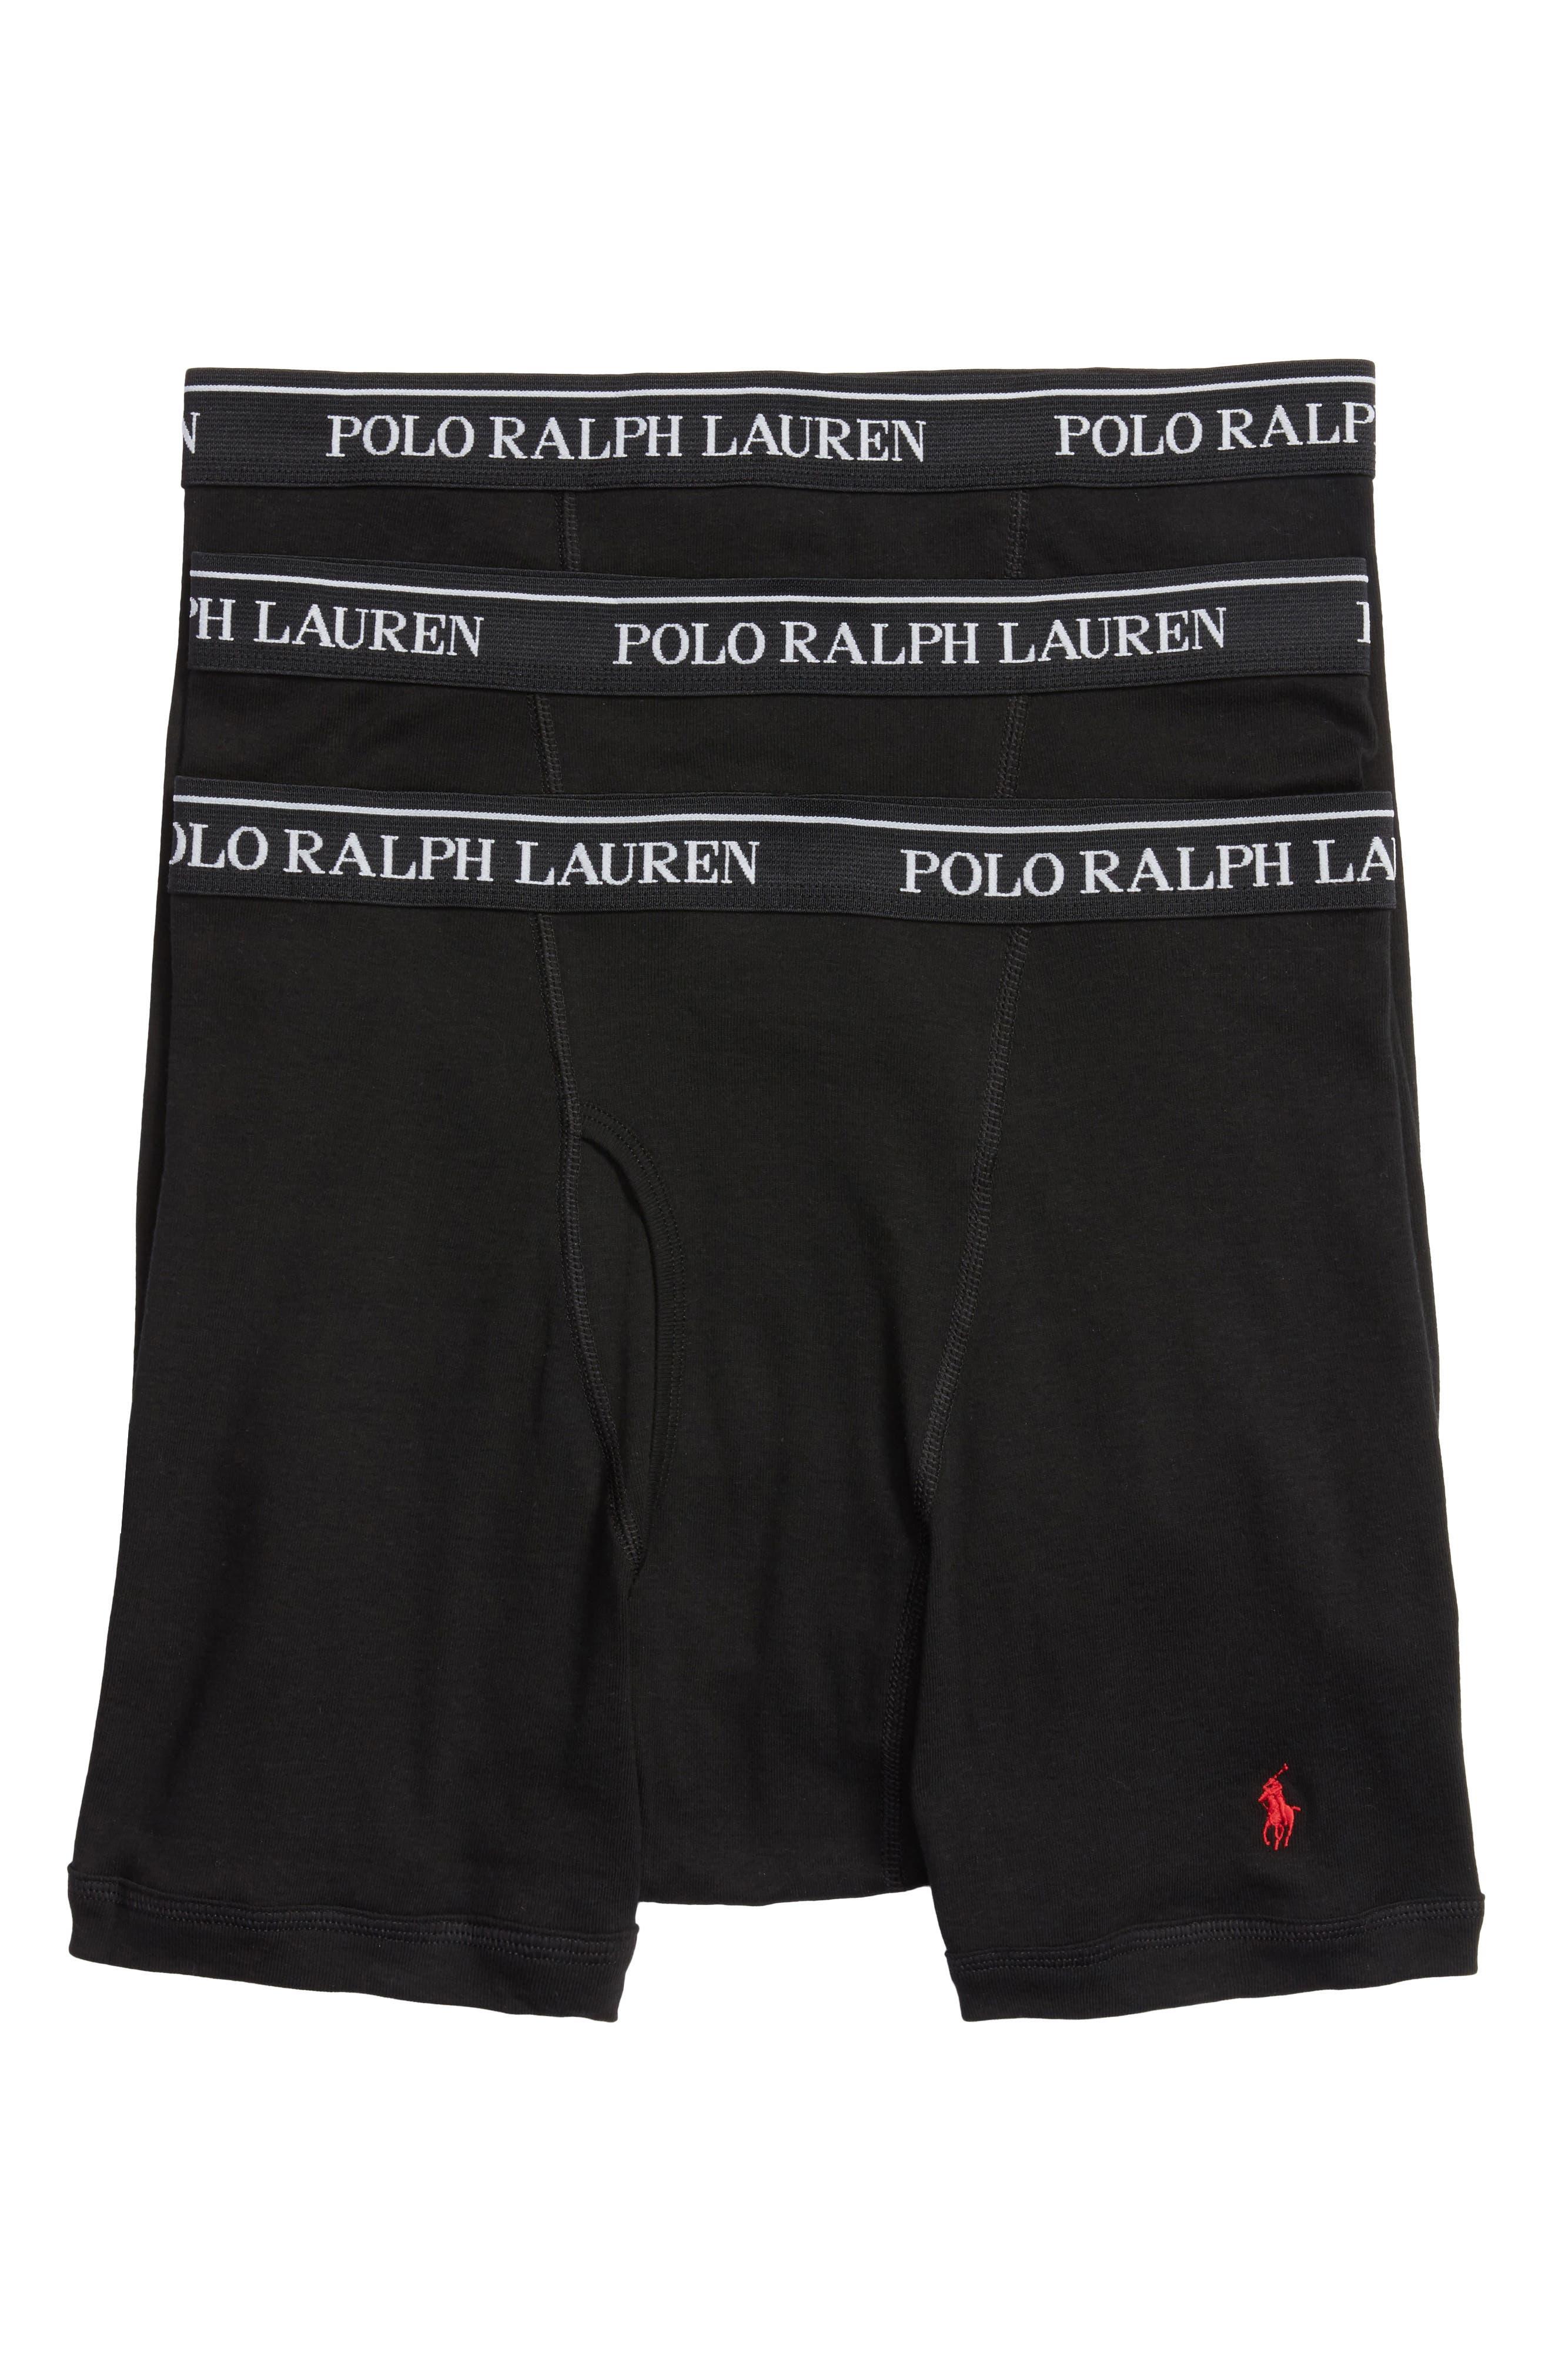 LAUREN RALPH LAUREN Polo Ralph Lauren 3-Pack Cotton Boxer Briefs, Main, color, POLO BLACK